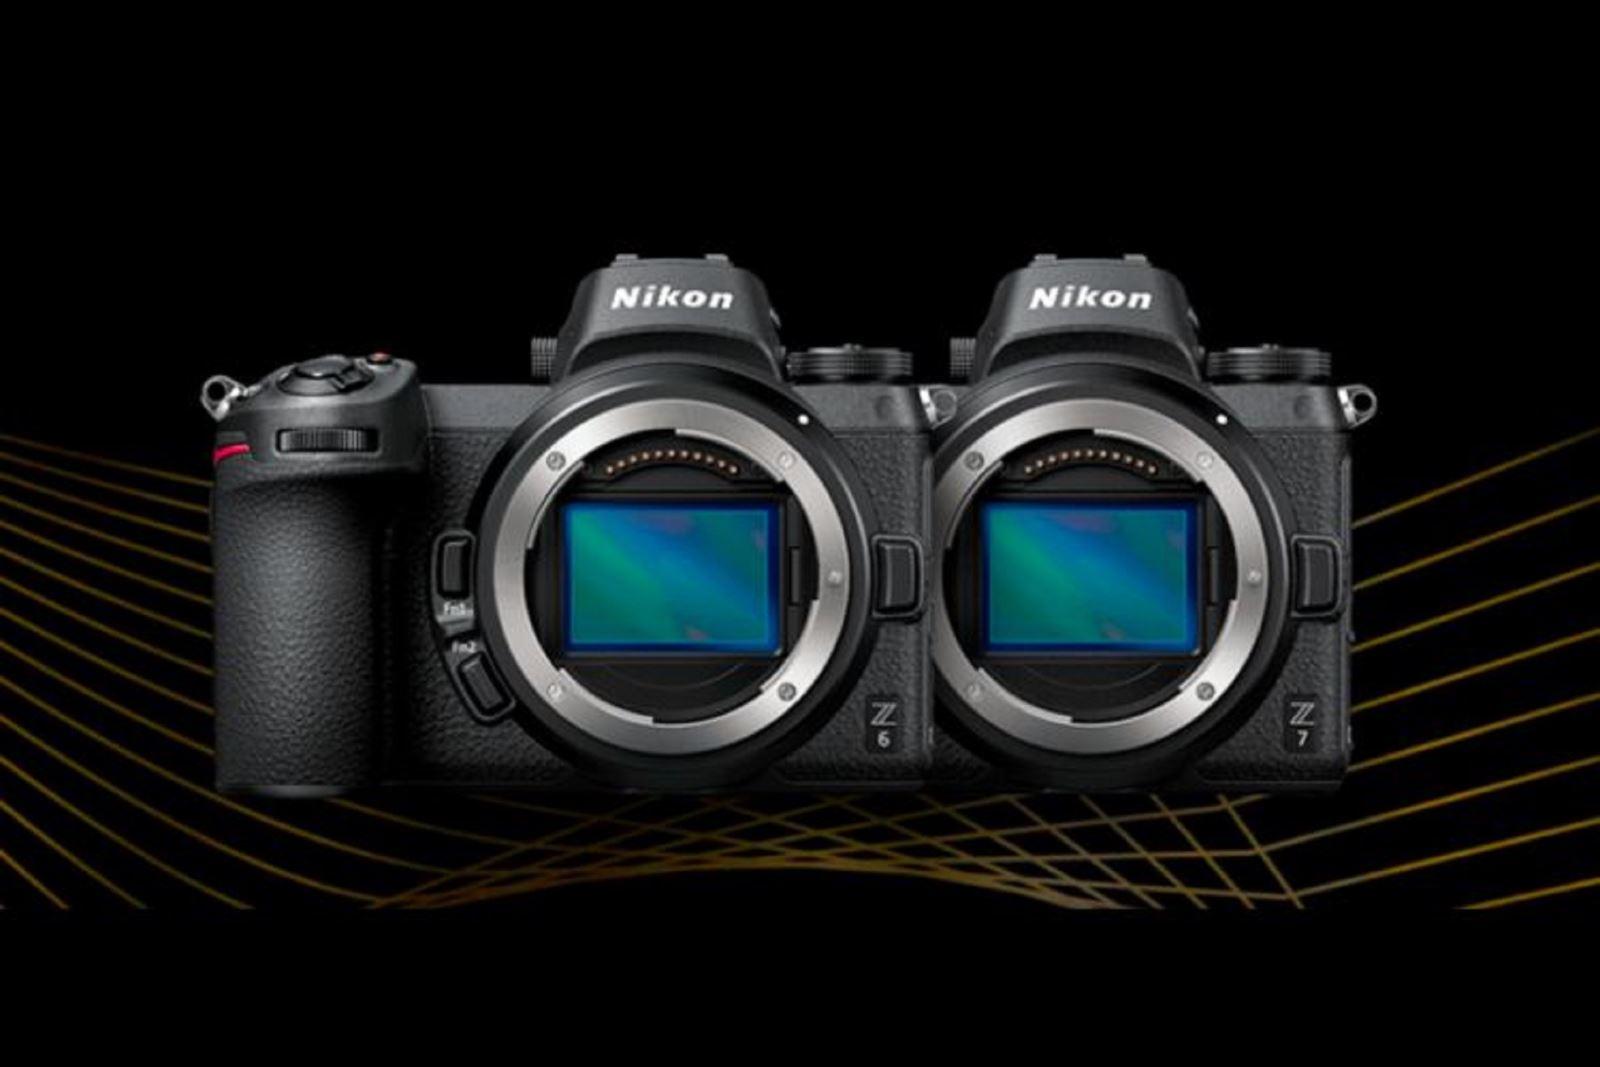 Nikon phát hành bản cập nhật firmwarev.2.10 mớicho máy ảnh mirrorless Z6, Z7